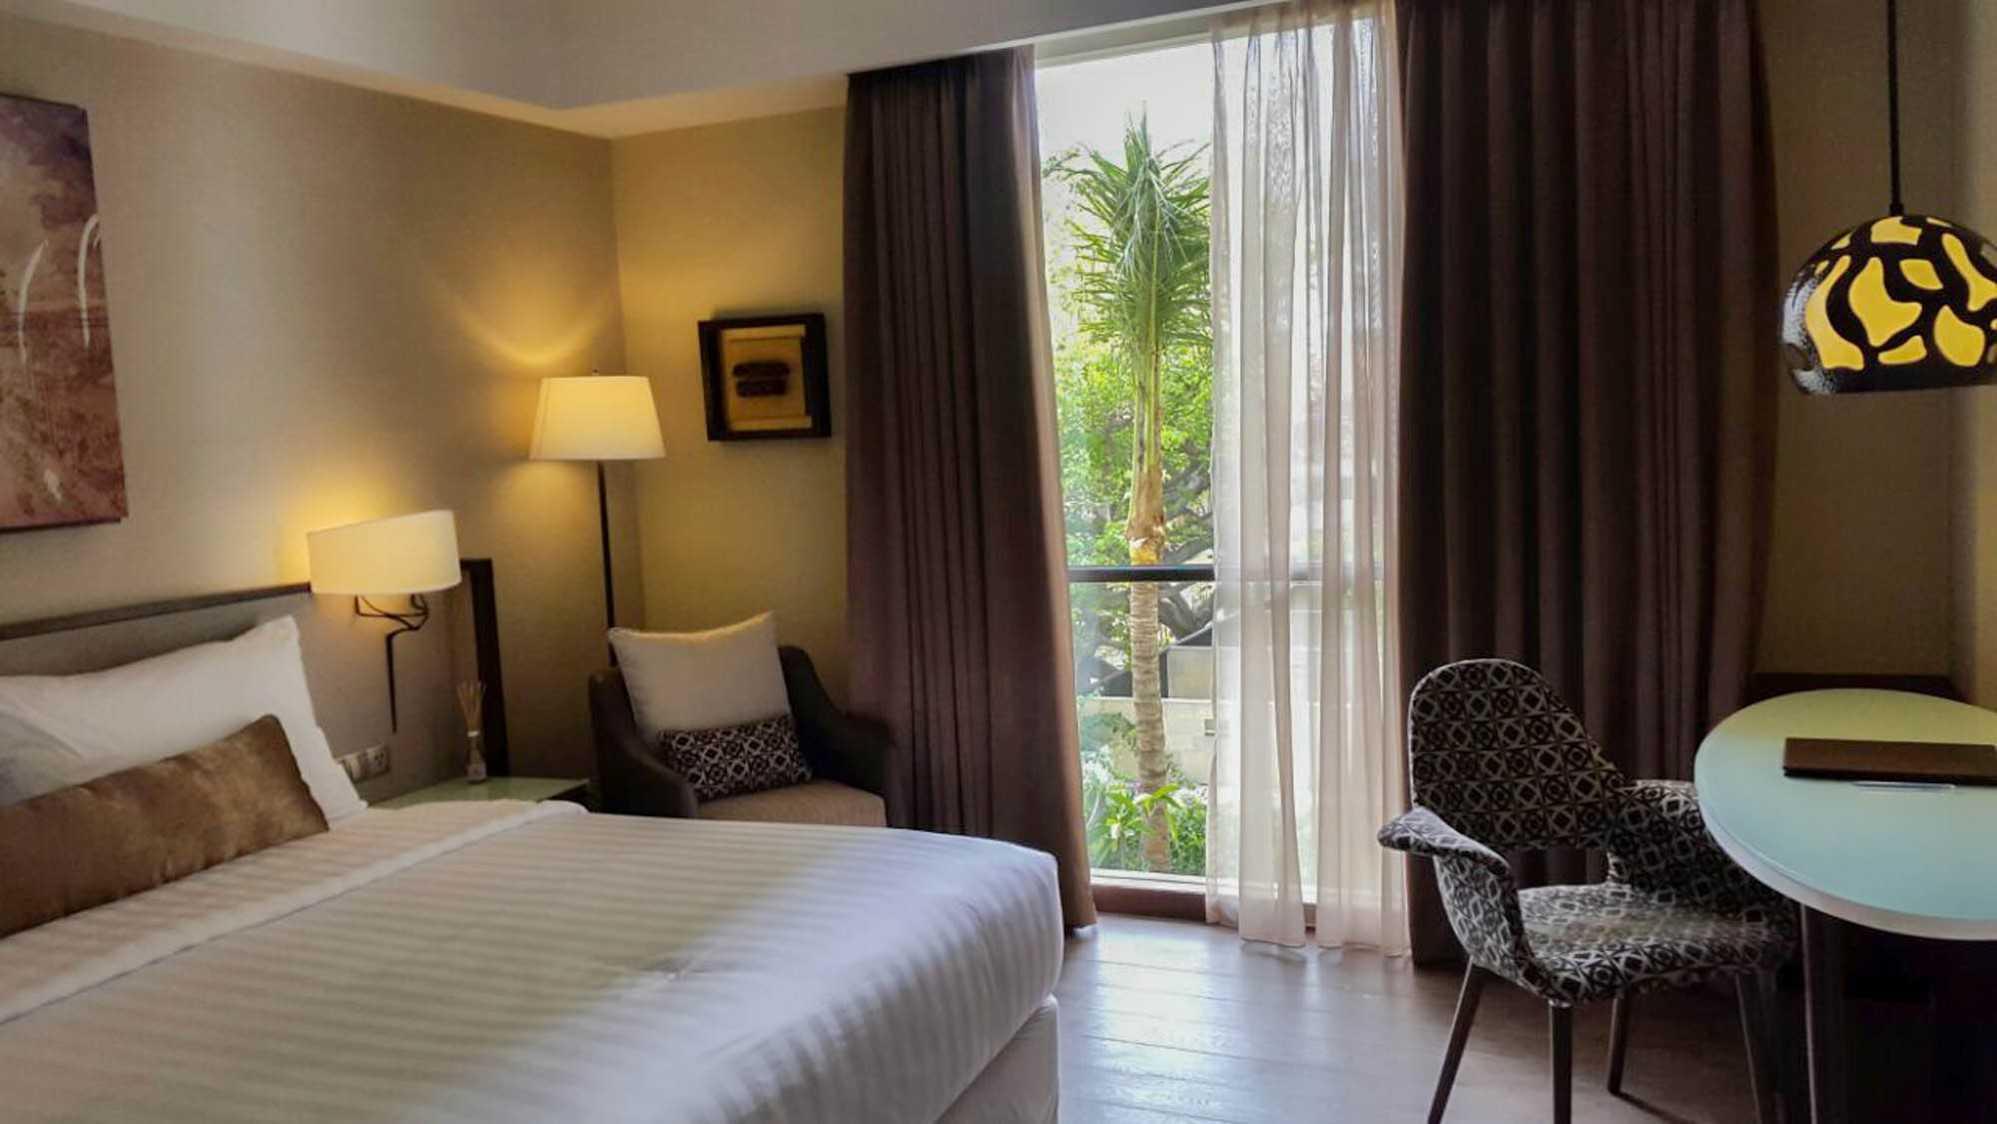 Talenta Interior Hotel Mercure Legian Legian, Kuta, Kabupaten Badung, Bali, Indonesia Legian, Kuta, Kabupaten Badung, Bali, Indonesia Talenta-Interior-Hotel-Mercure-Legian  65500